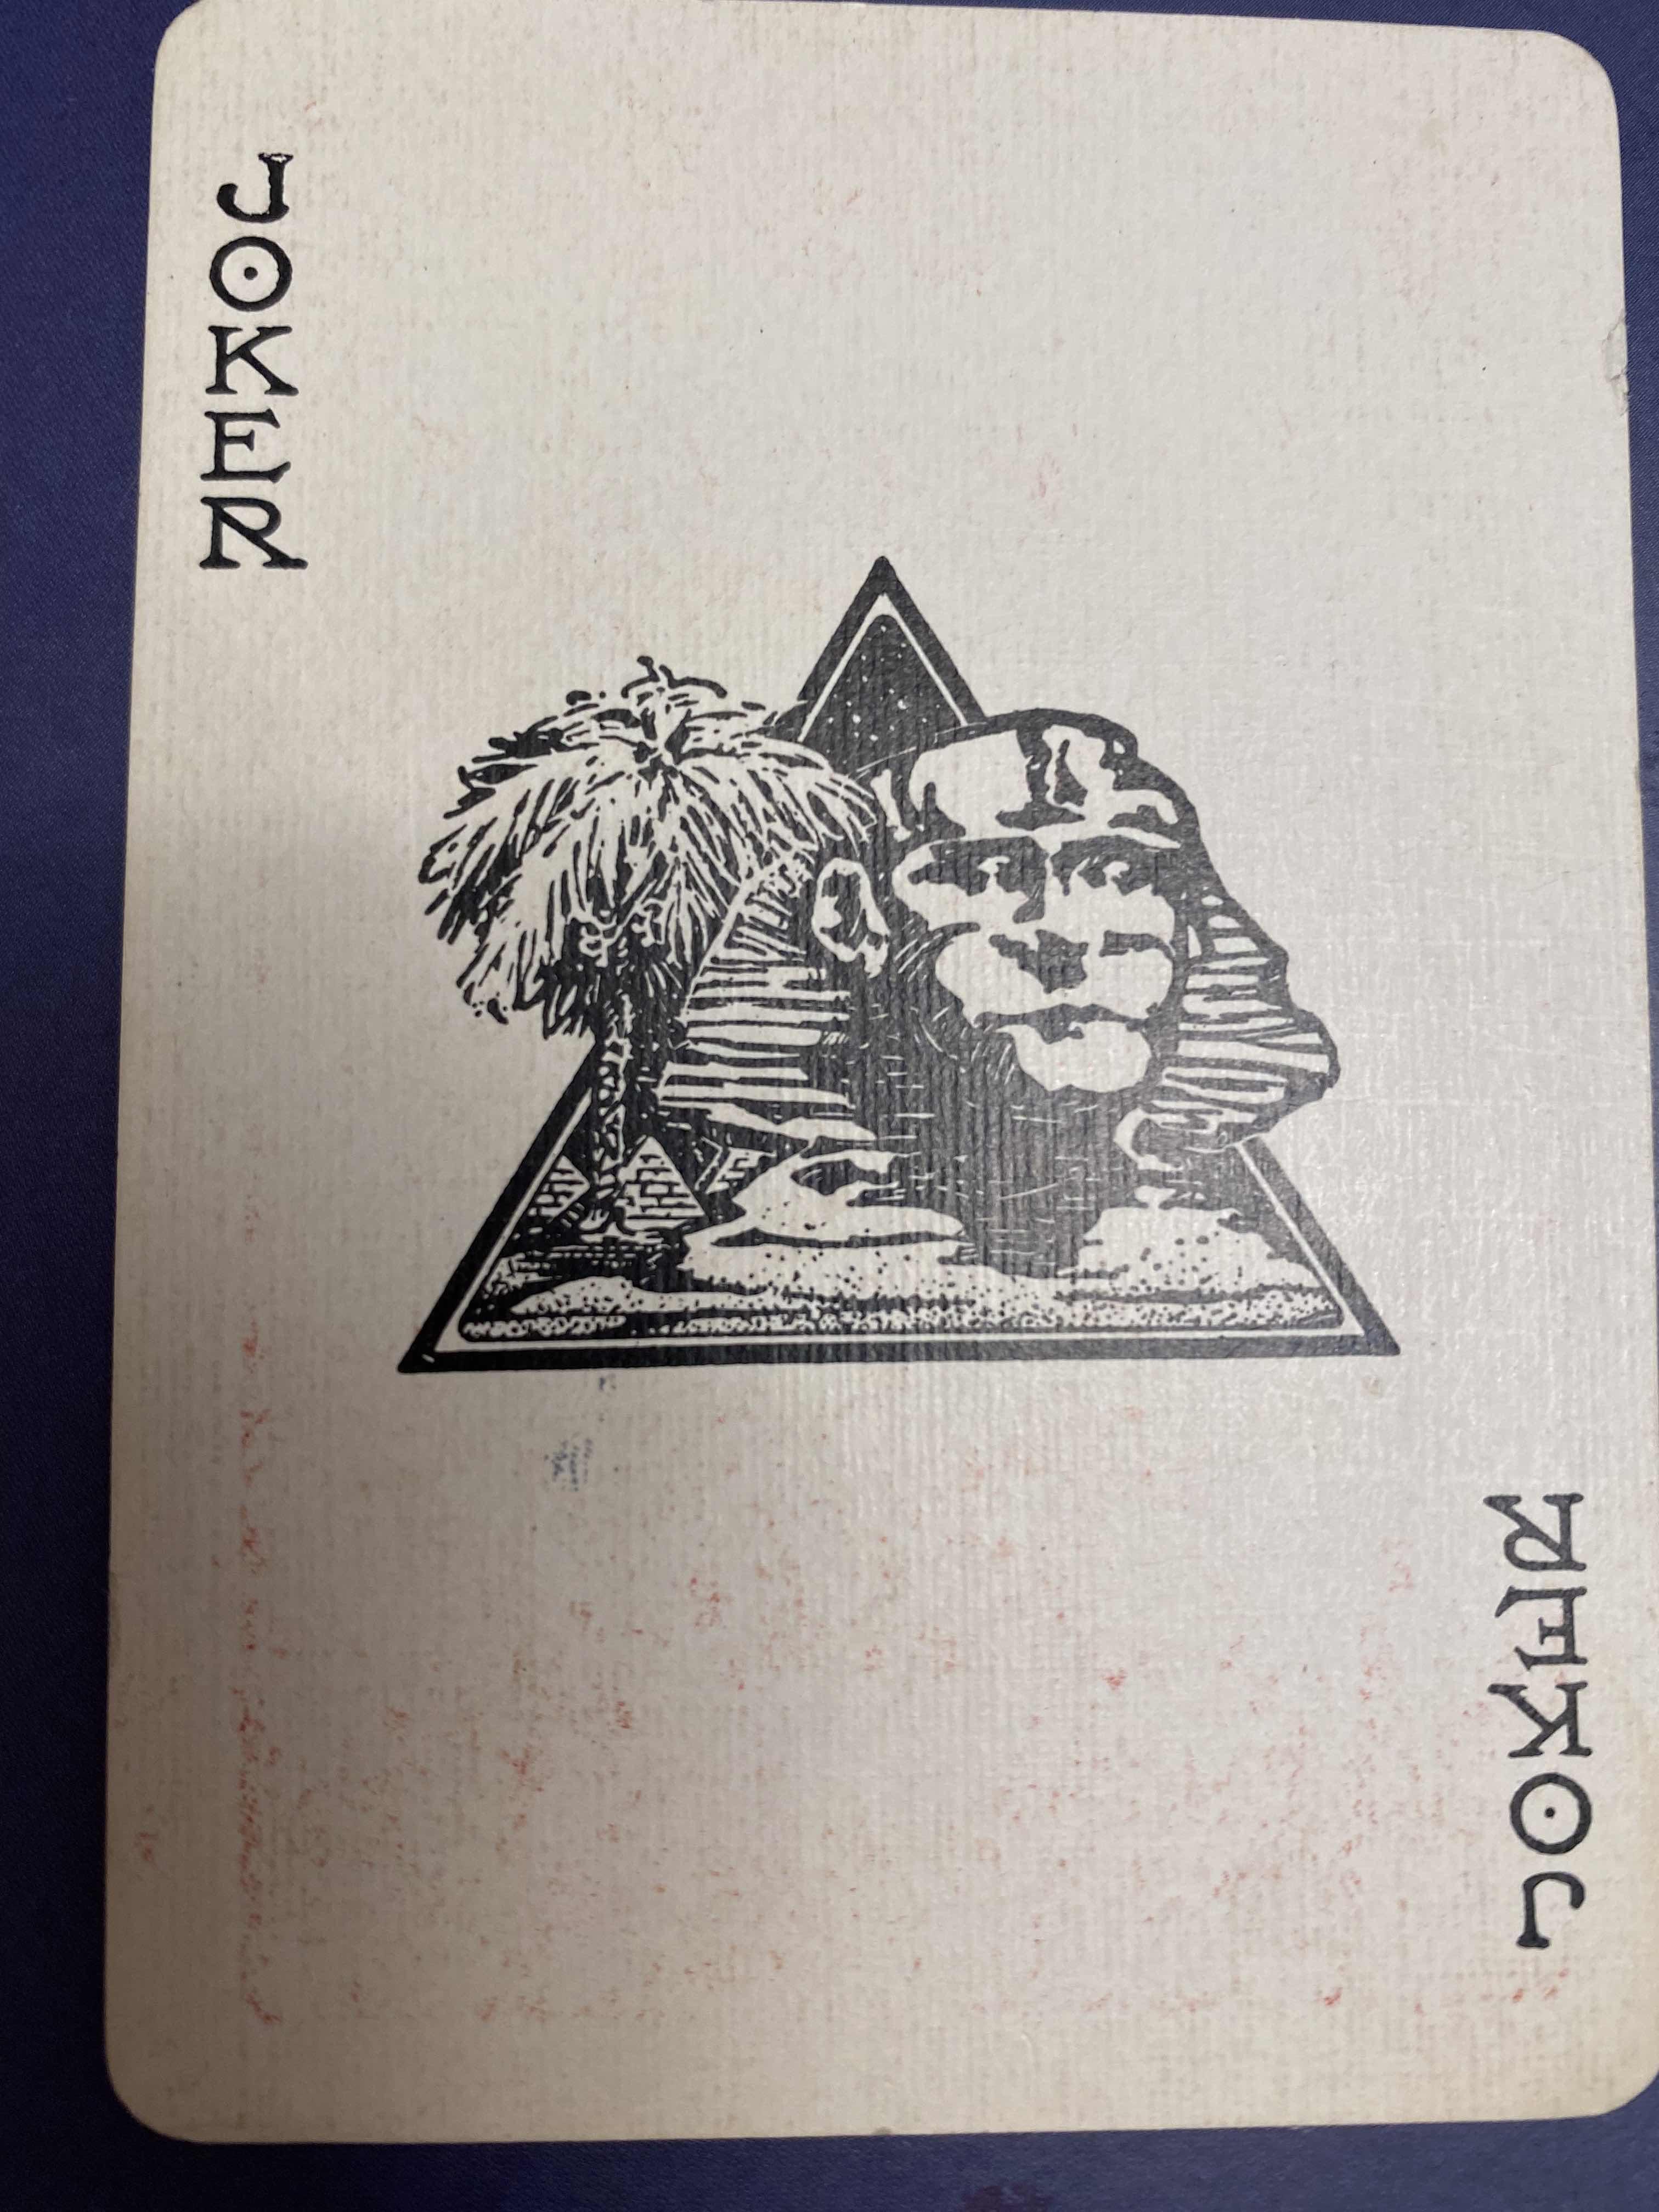 Pyramid Sphinx joker